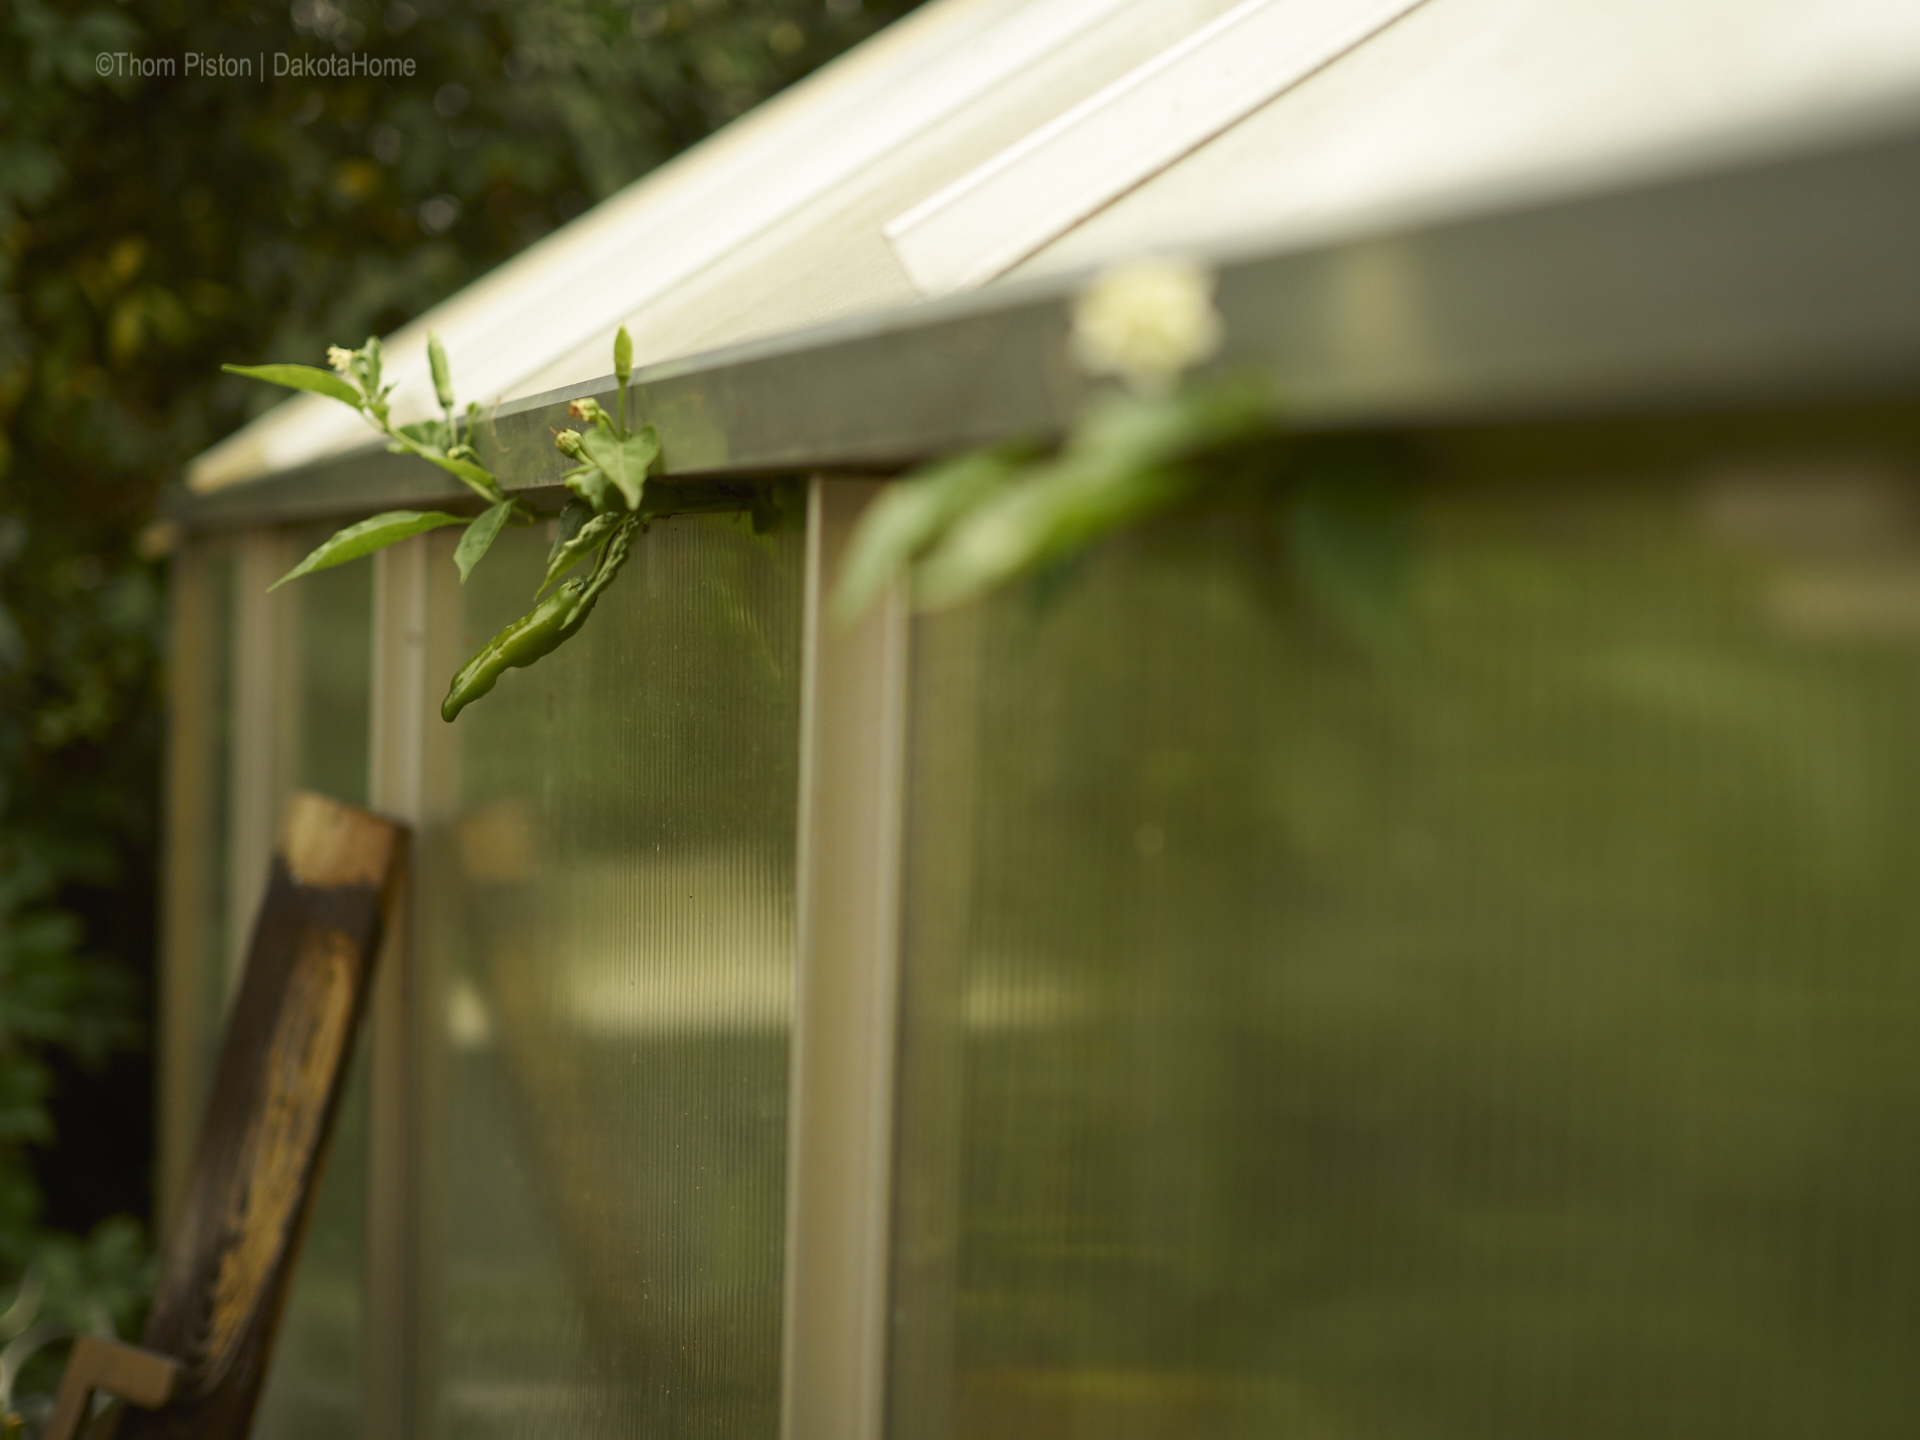 die chilis die nicht mehr ins das Gewächshaus passen..wachsen halt einfach nach draussen...